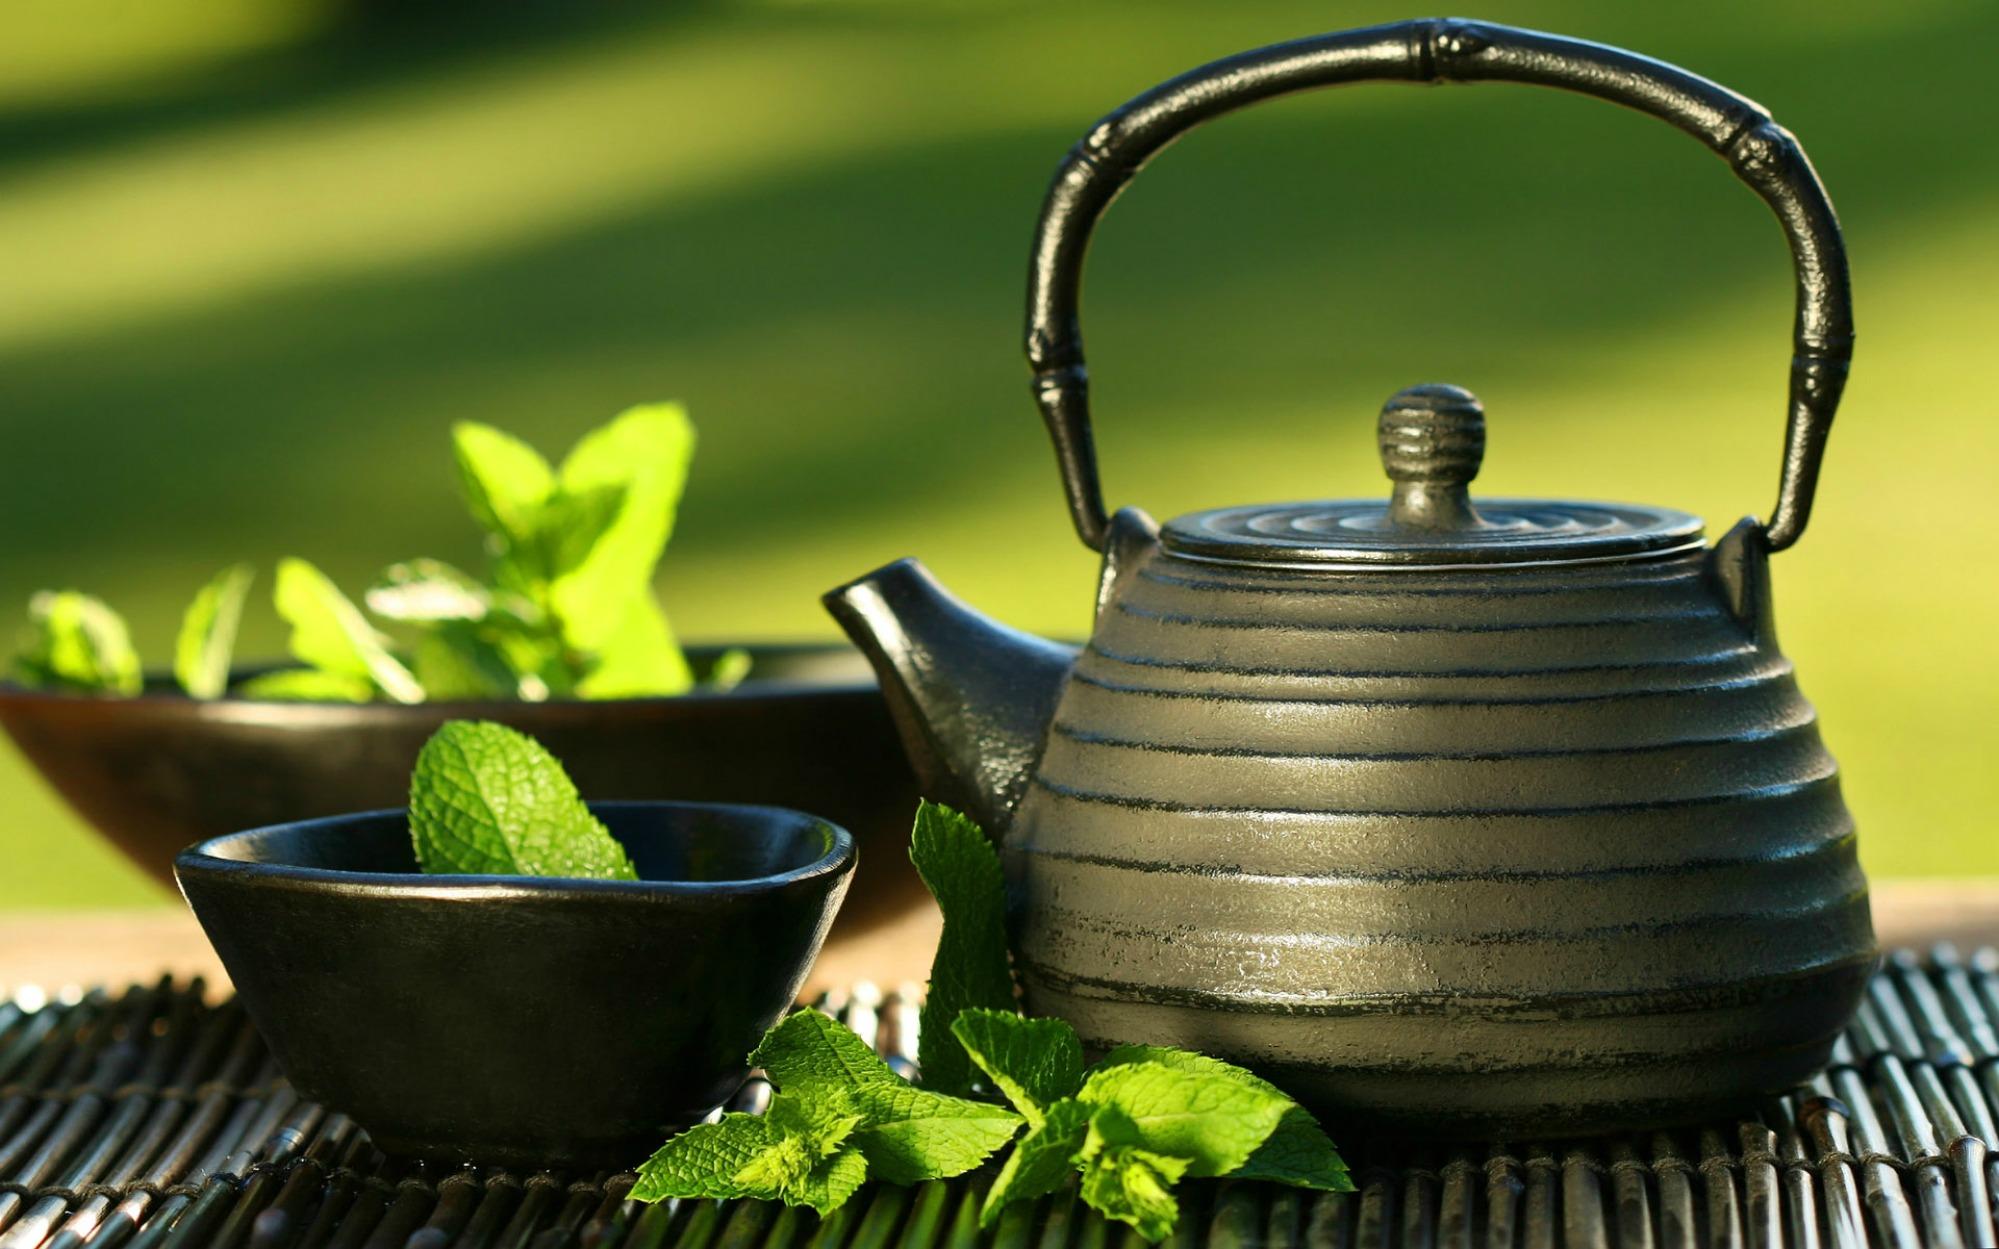 Green tea on a table